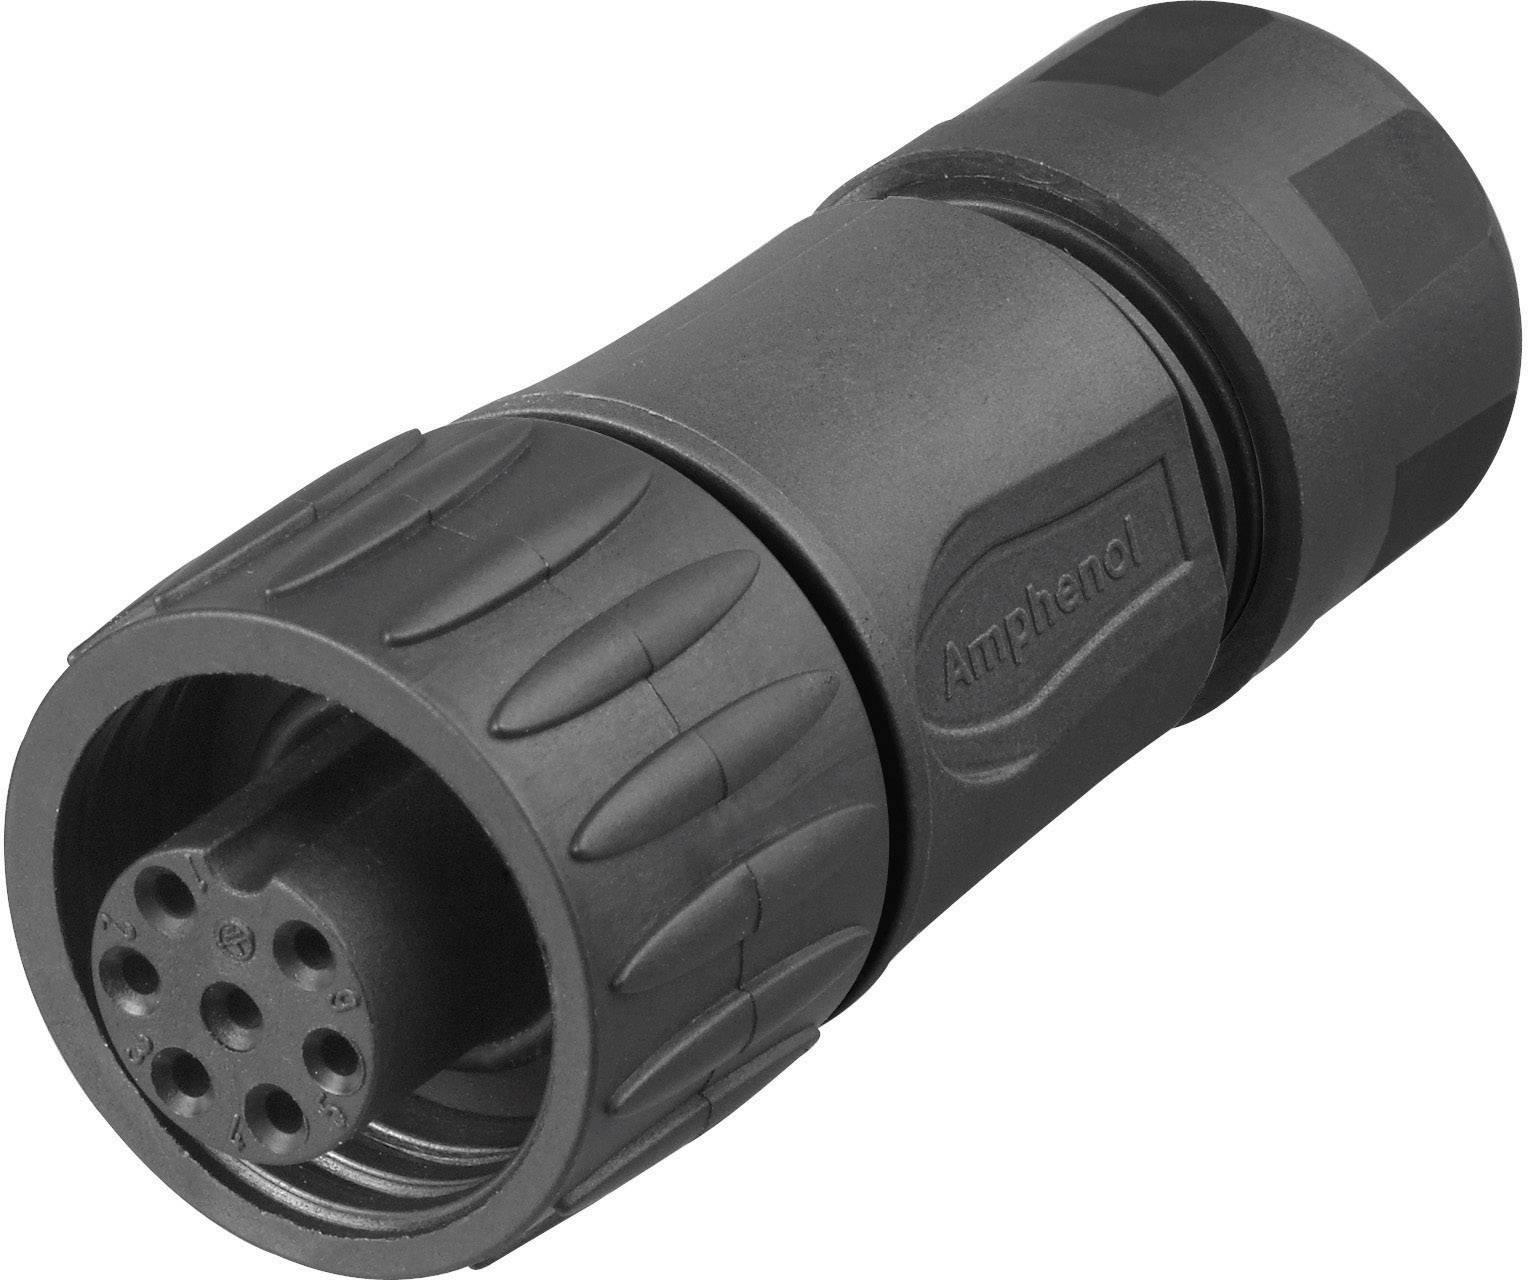 Kabelová zásuvka 3+PE Amphenol C016 20D003 110 12, černá